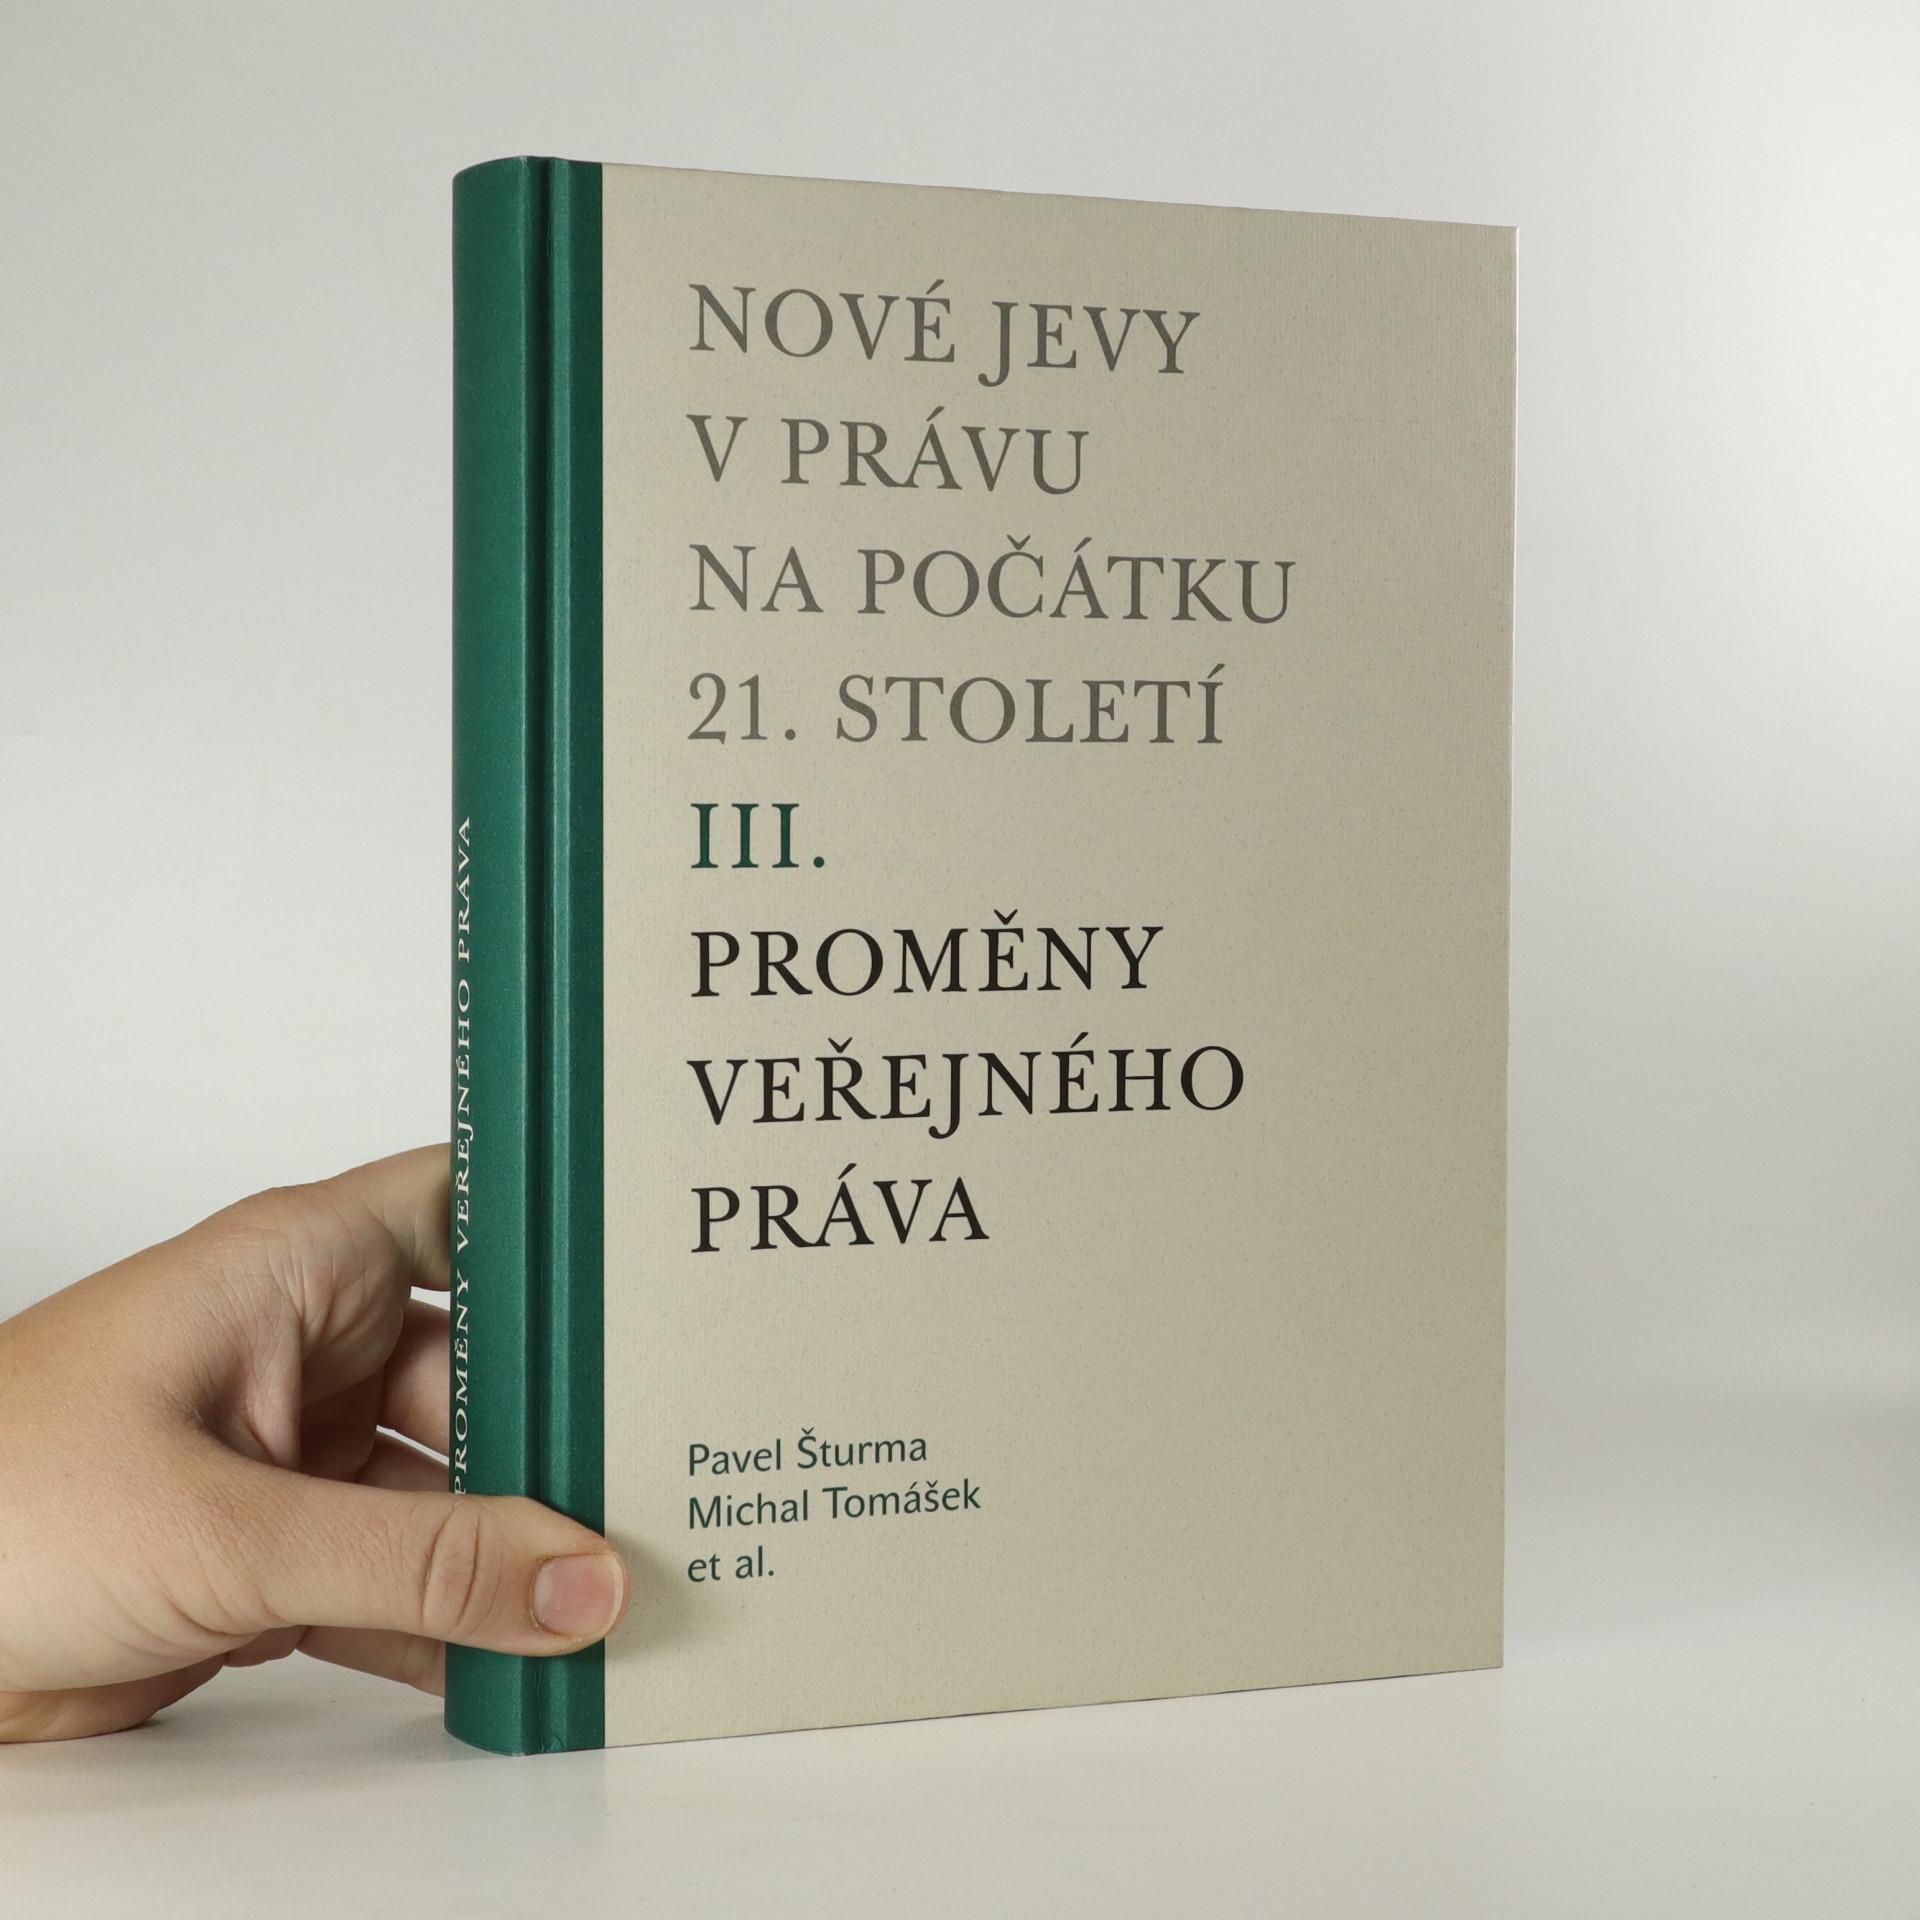 antikvární kniha Nové jevy v právu na počátku 21. století. III. díl. Proměny veřejného práva, 2009